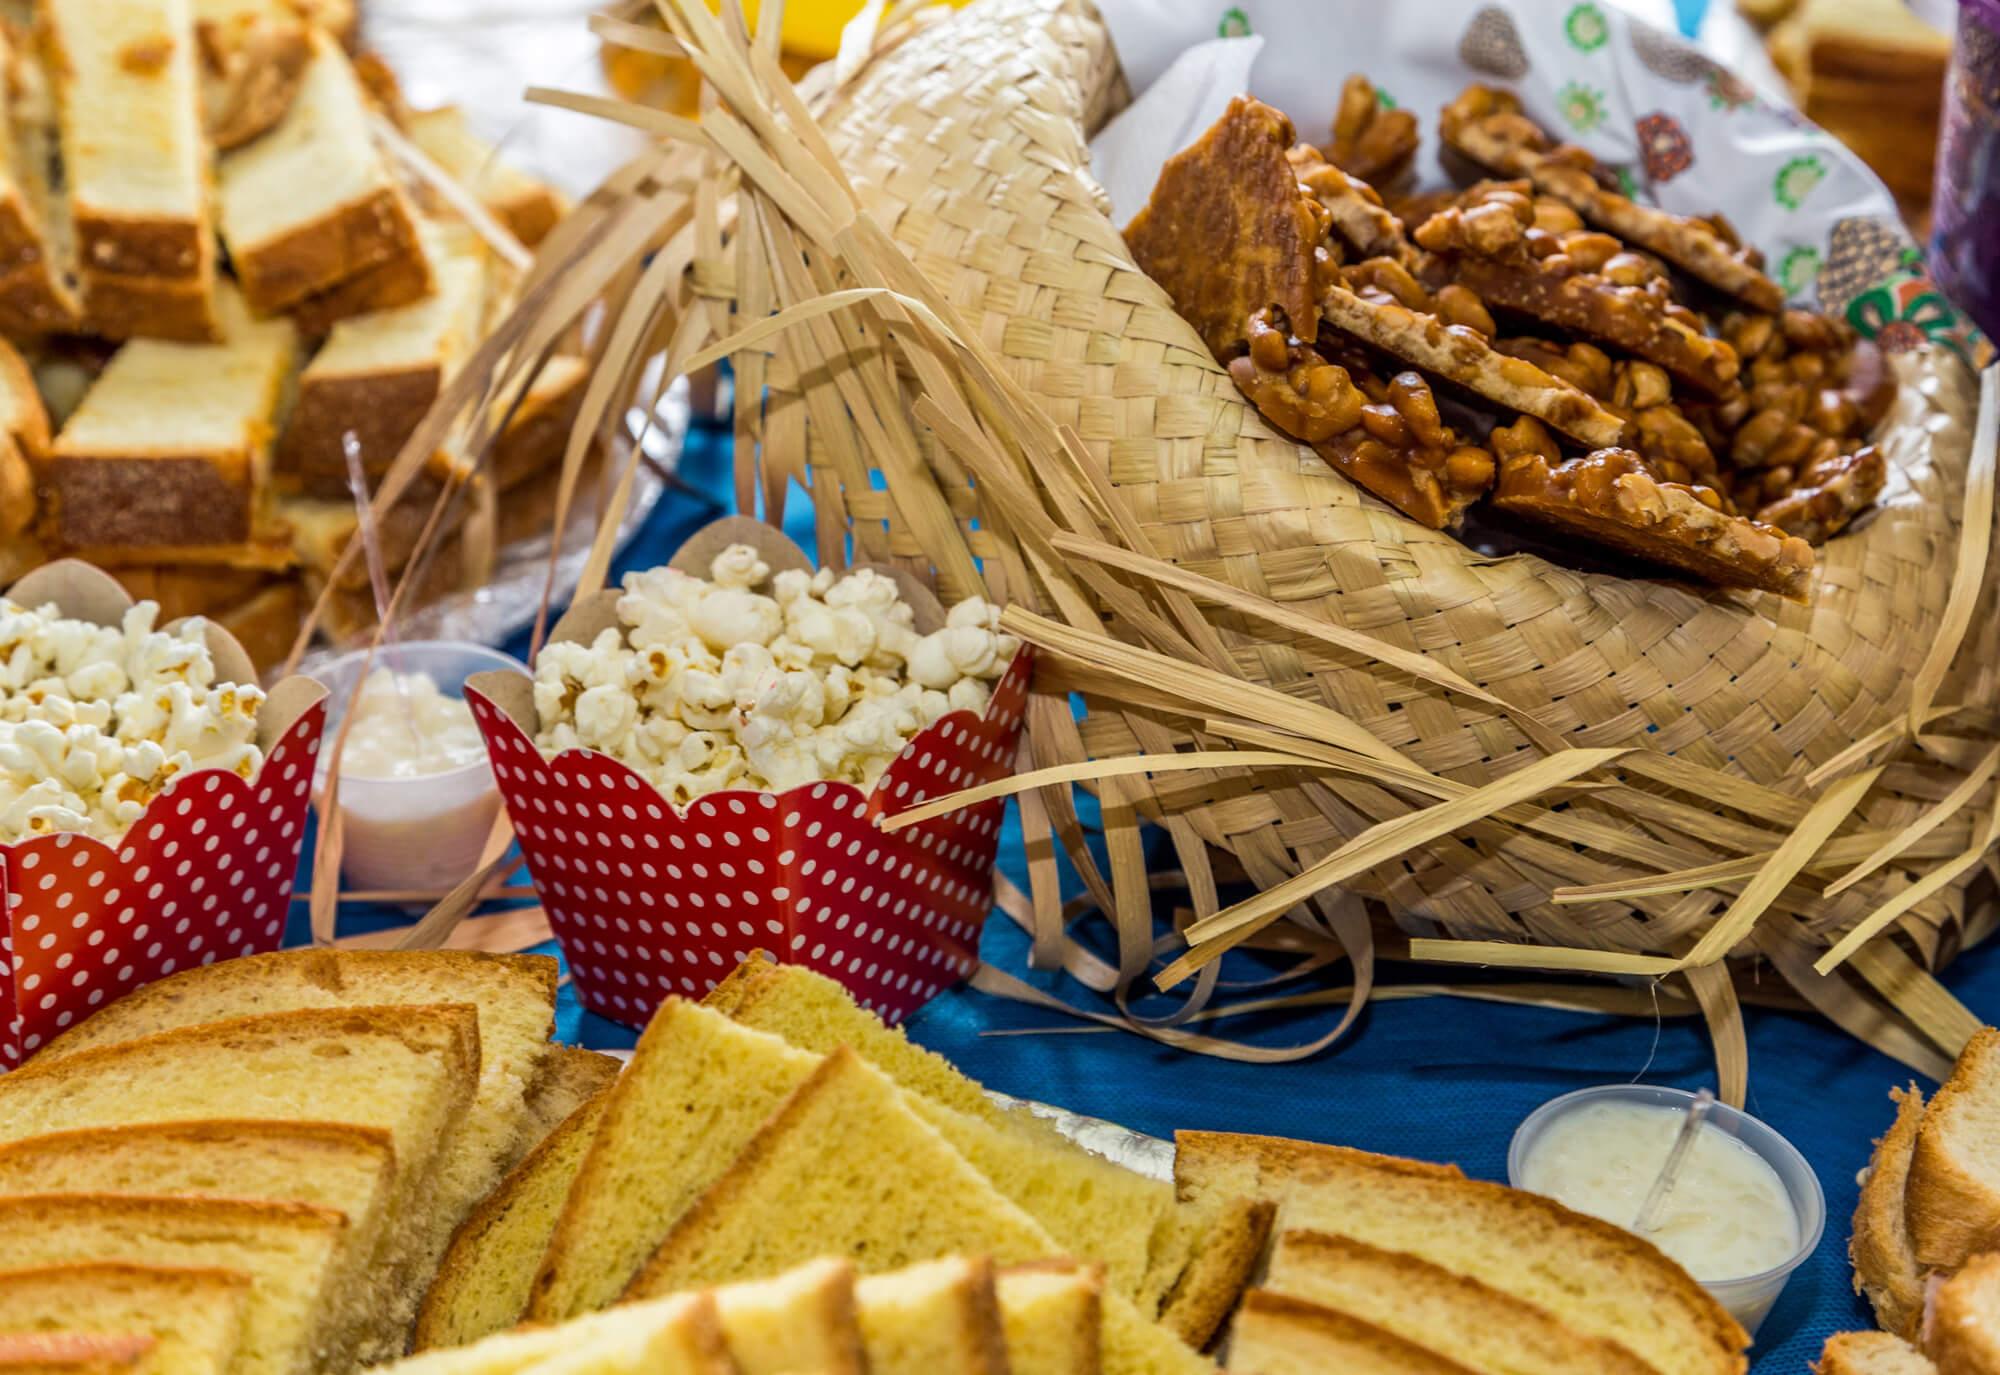 enfeites de festa junina em mesa decorada com comidas típicas